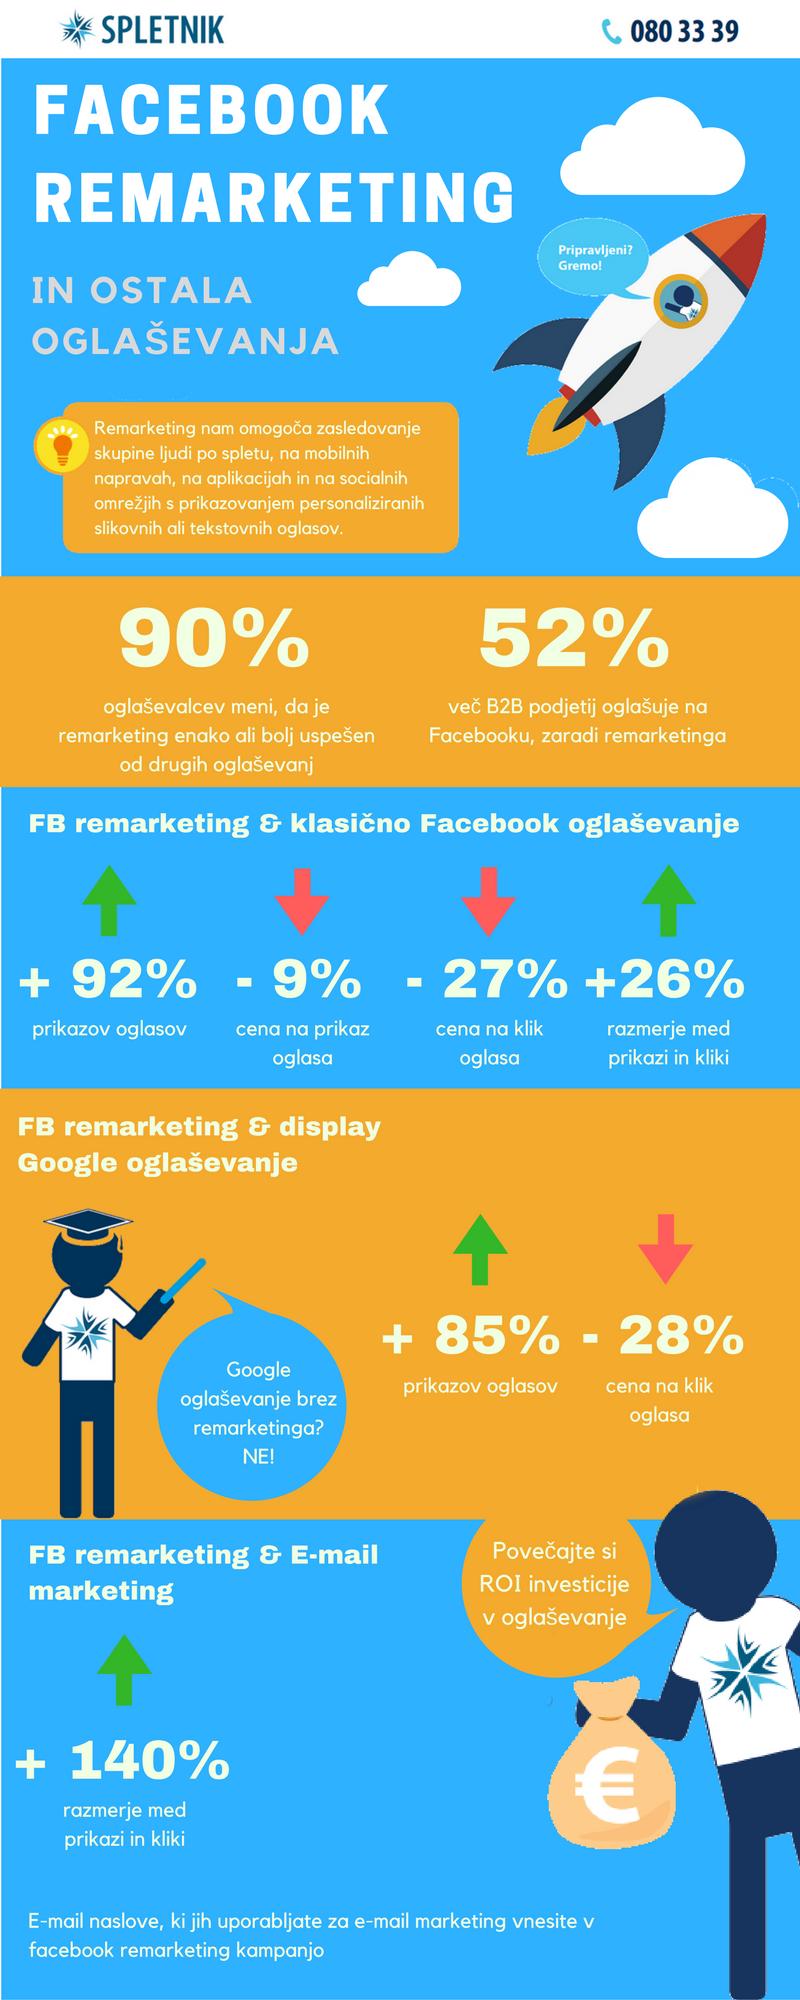 facebook remarketing in oglaševanje